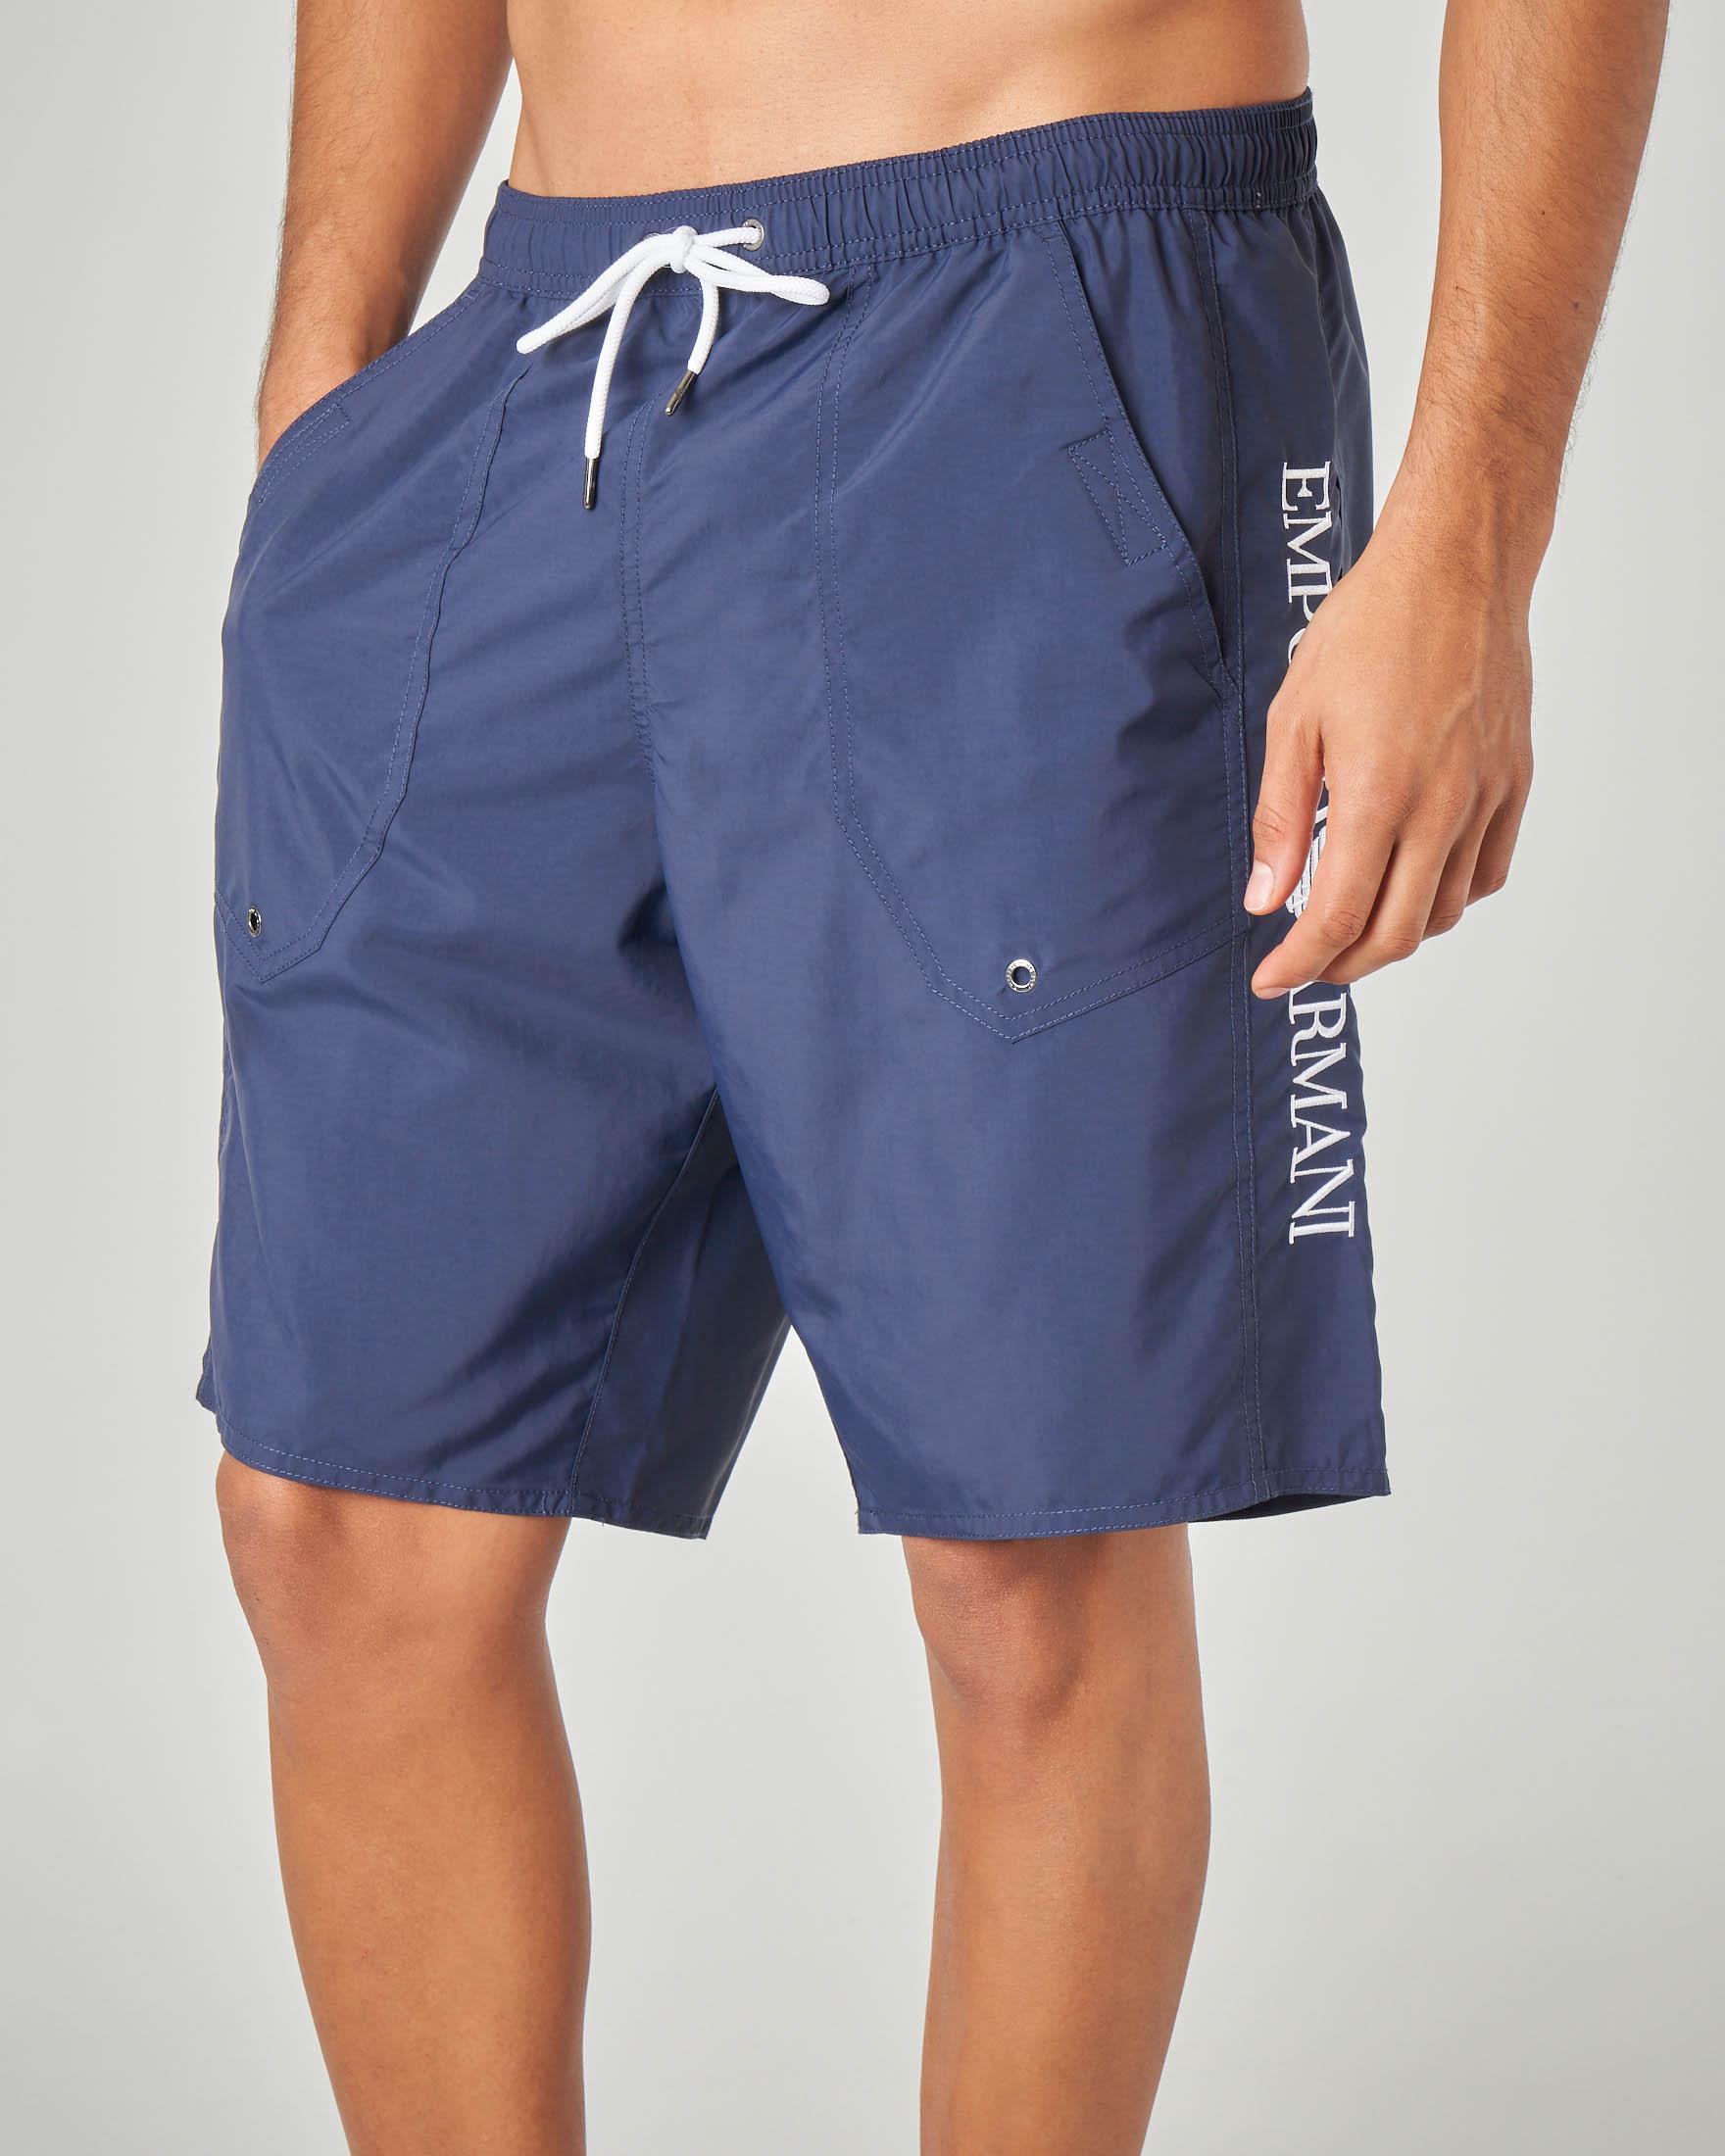 Costume boxer blu lungo con tasconi